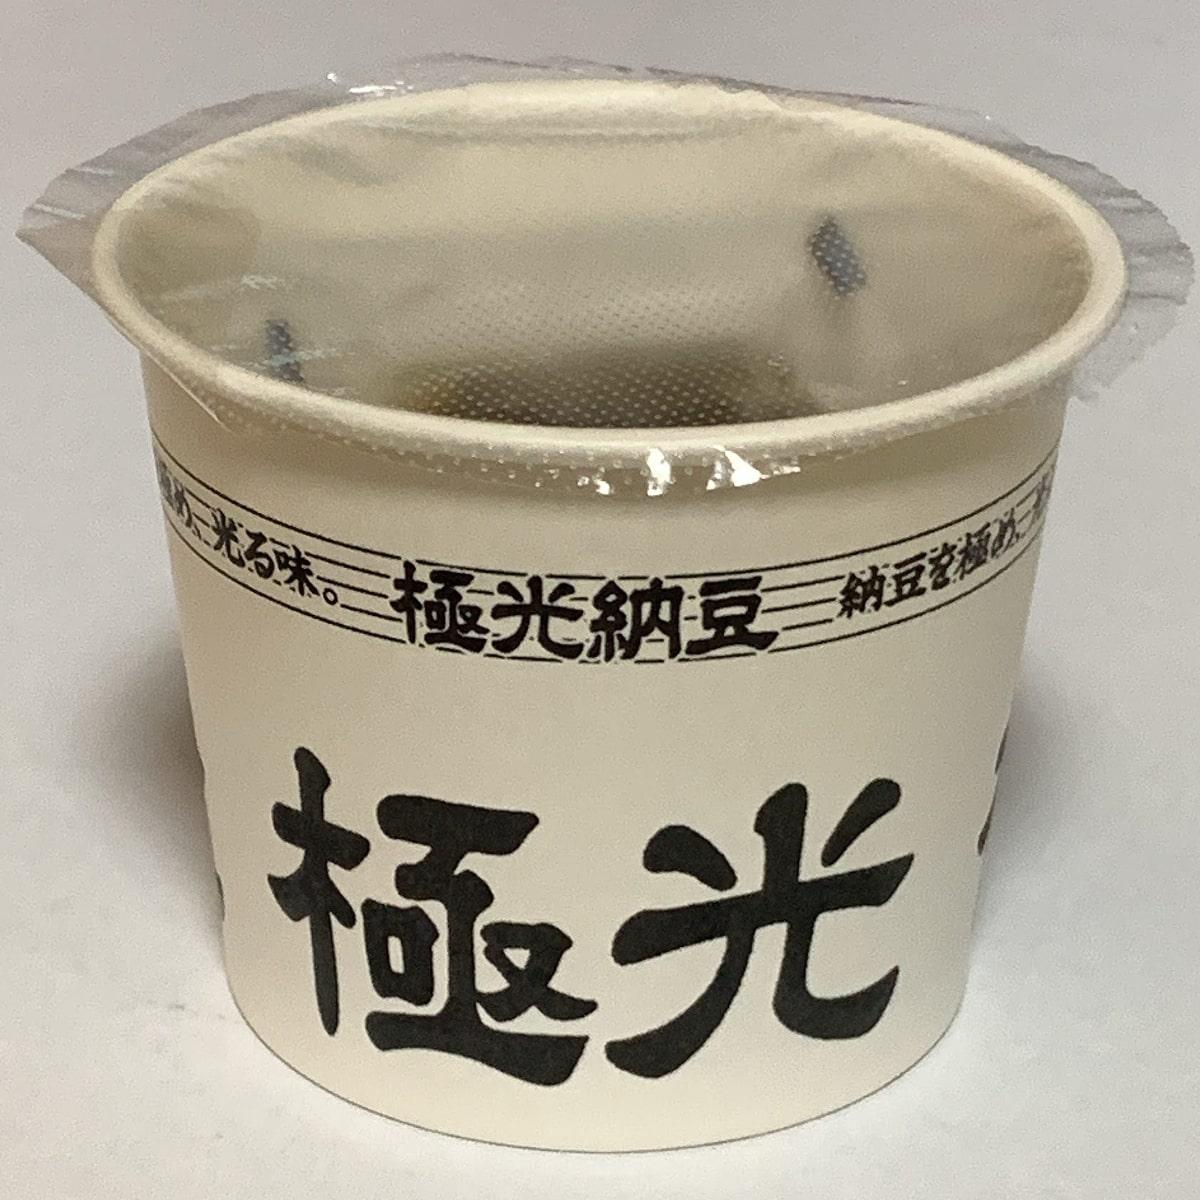 「極光納豆」の1カップの画像